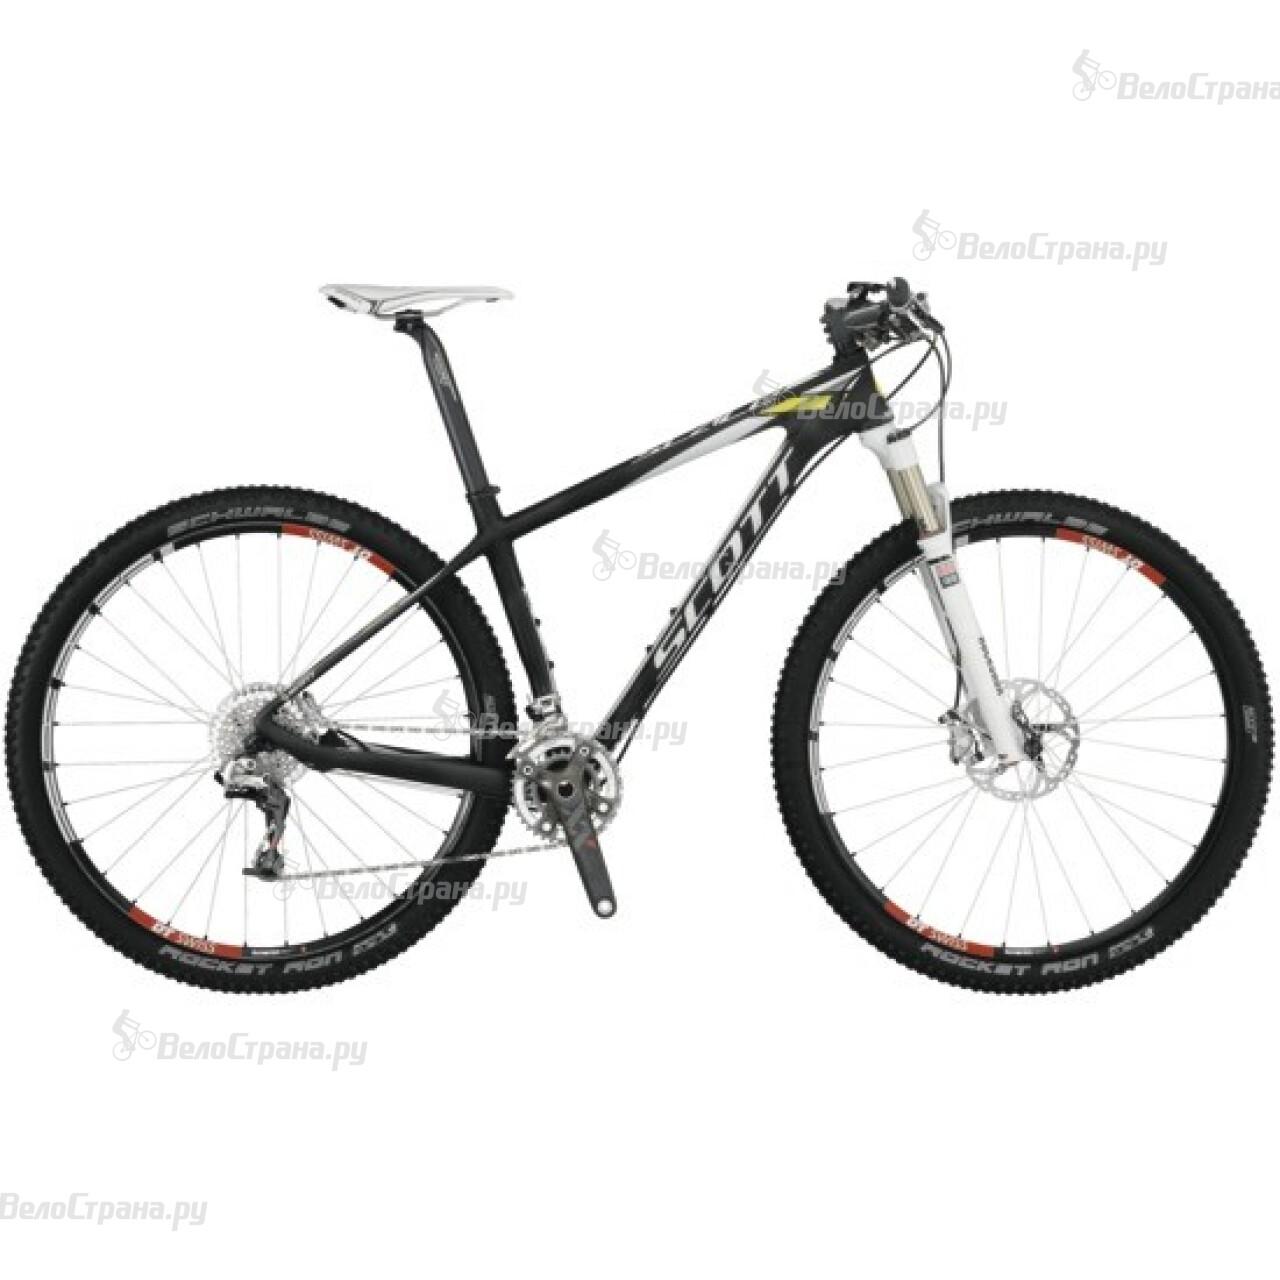 Велосипед Scott Scale 900 RC (2013) scott scale 900 rc 2016